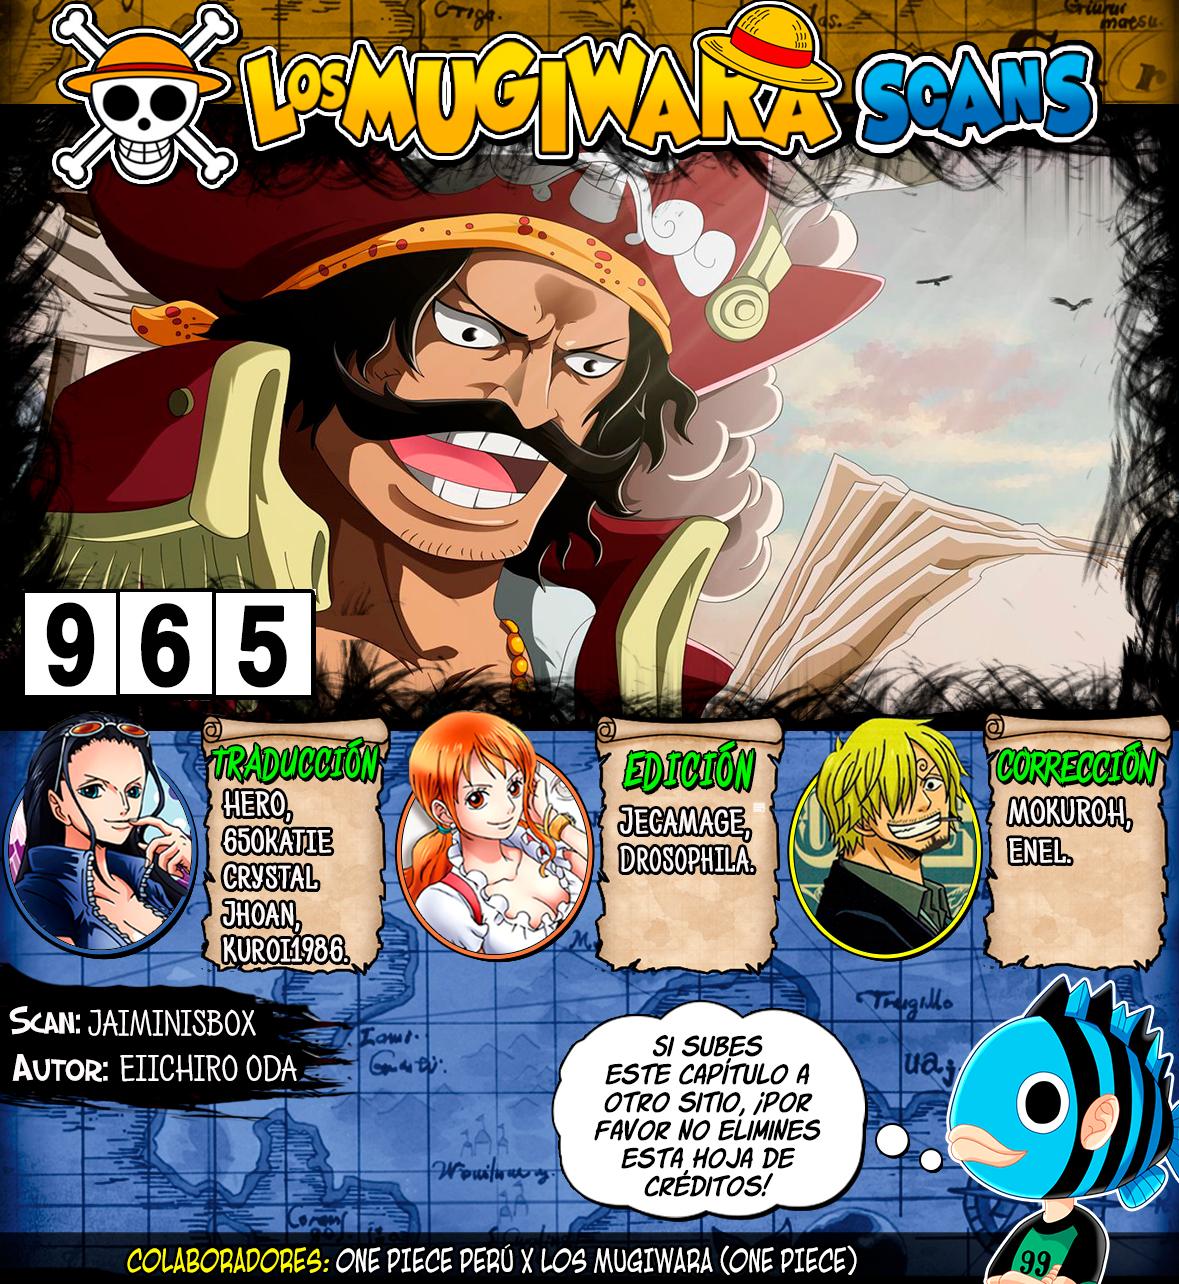 One Piece Manga 965 [Español] [Mugiwara Scans] WRofvVCm_o